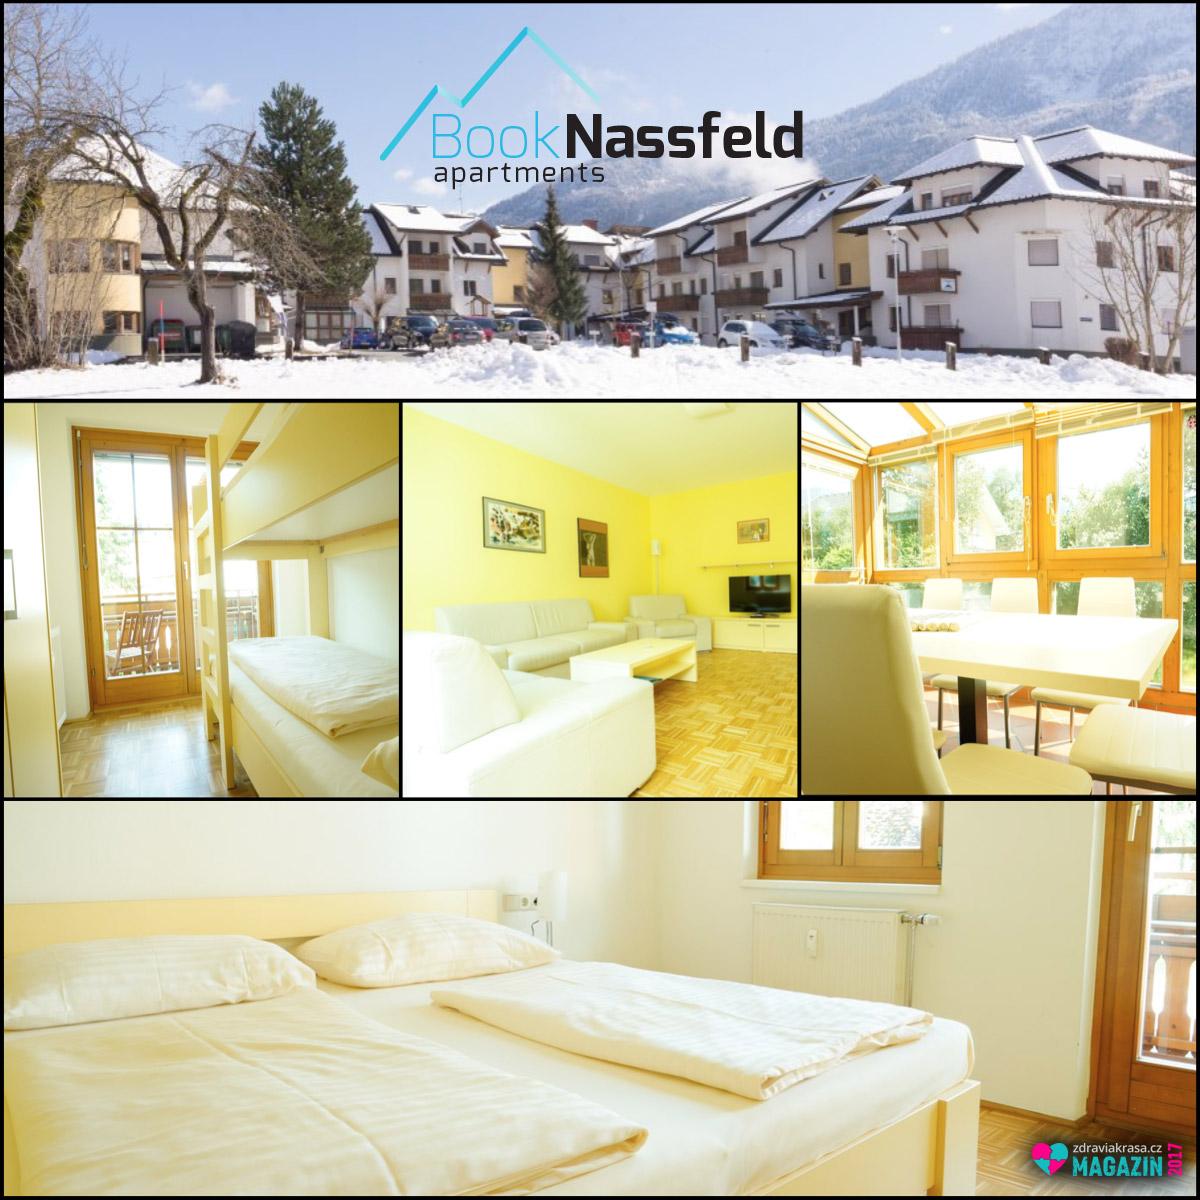 Ubytování apartmánového typu v Nassfeldu nabízí moderně vybaveny jednolůžkové až osmilůžkové pokoje.